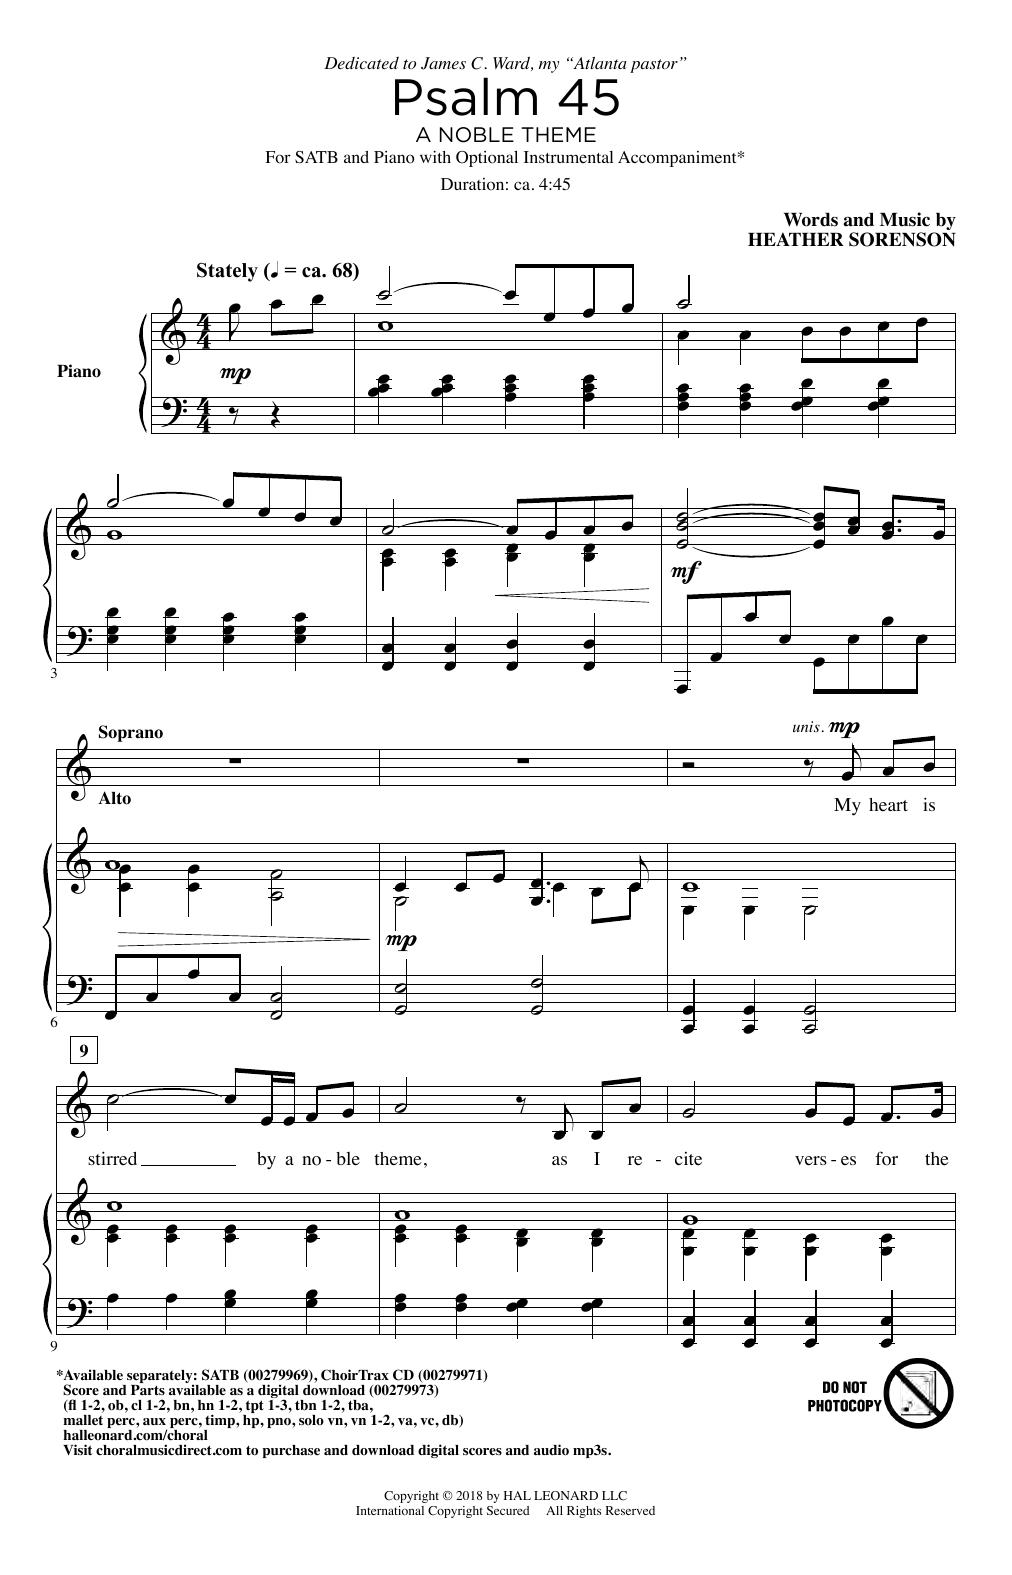 Psalm 45 (A Noble Theme) (SATB Choir)